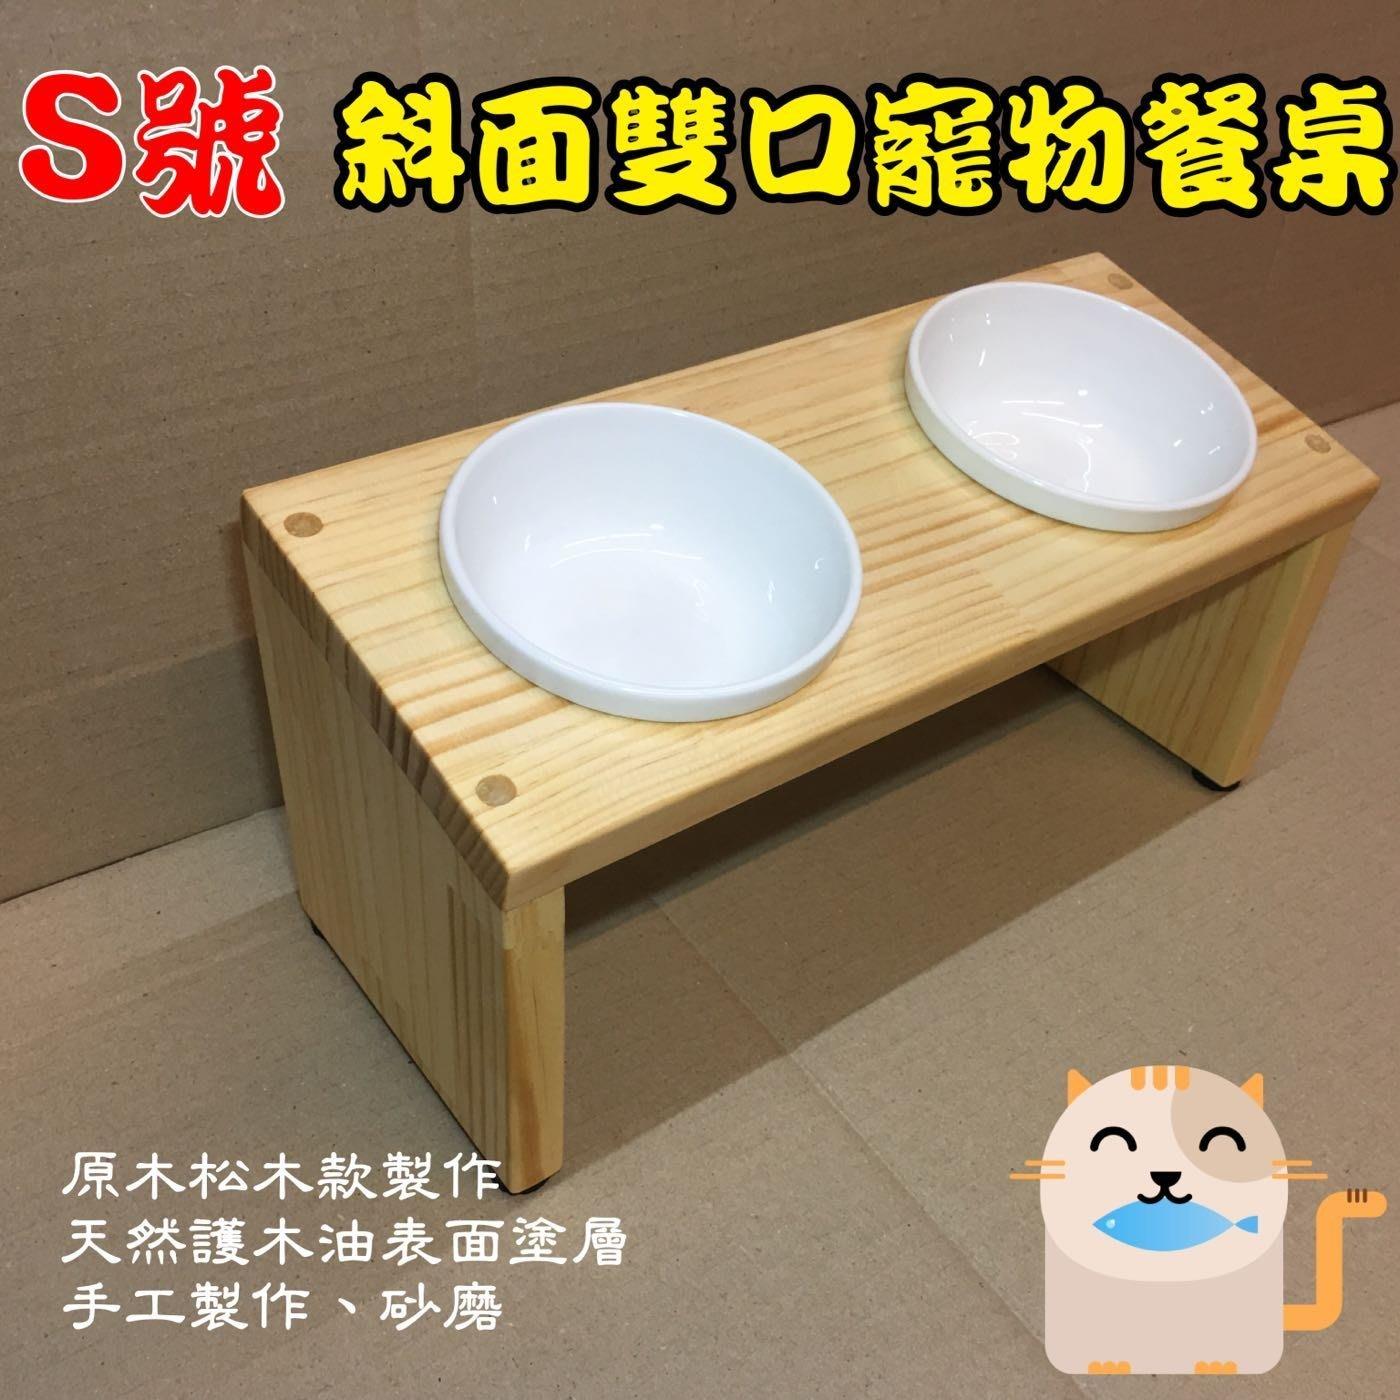 S號 原木手工製作 斜面二口寵物餐桌 斜口碗架 雙碗狗貓餐桌 餵食碗架 附2碗 MIT 松木餐桌